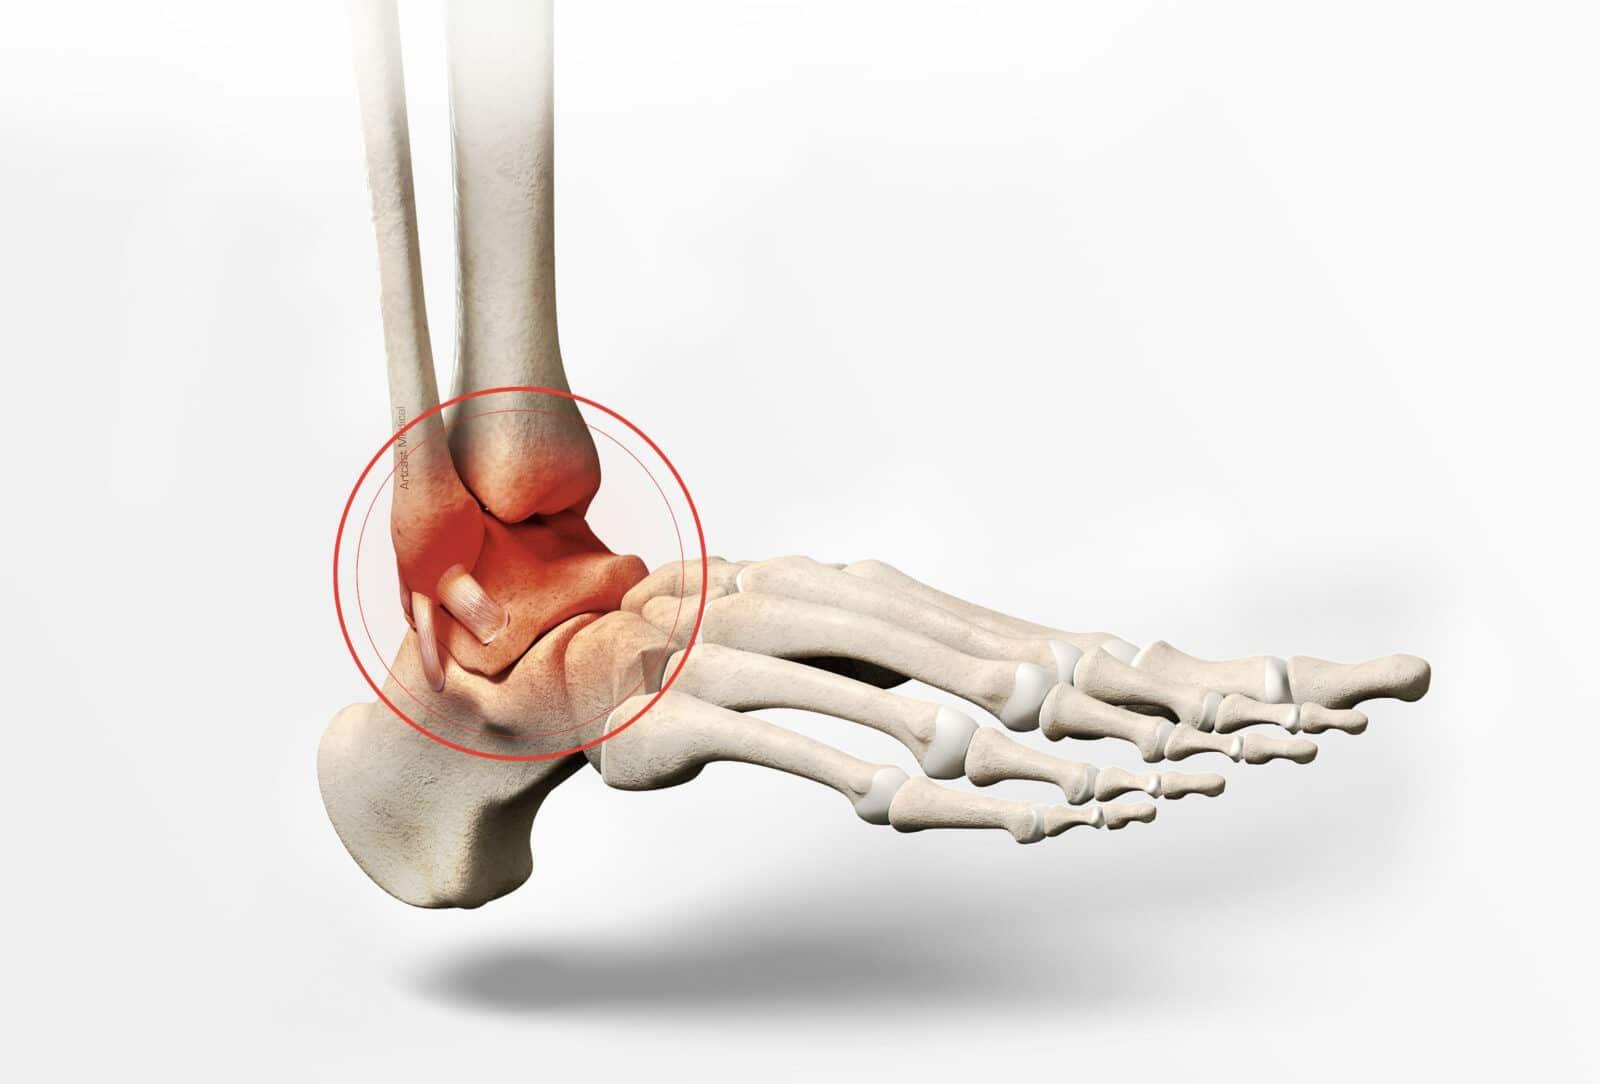 Traitement de l'arthrose de la cheville à Paris - Dr Paillard